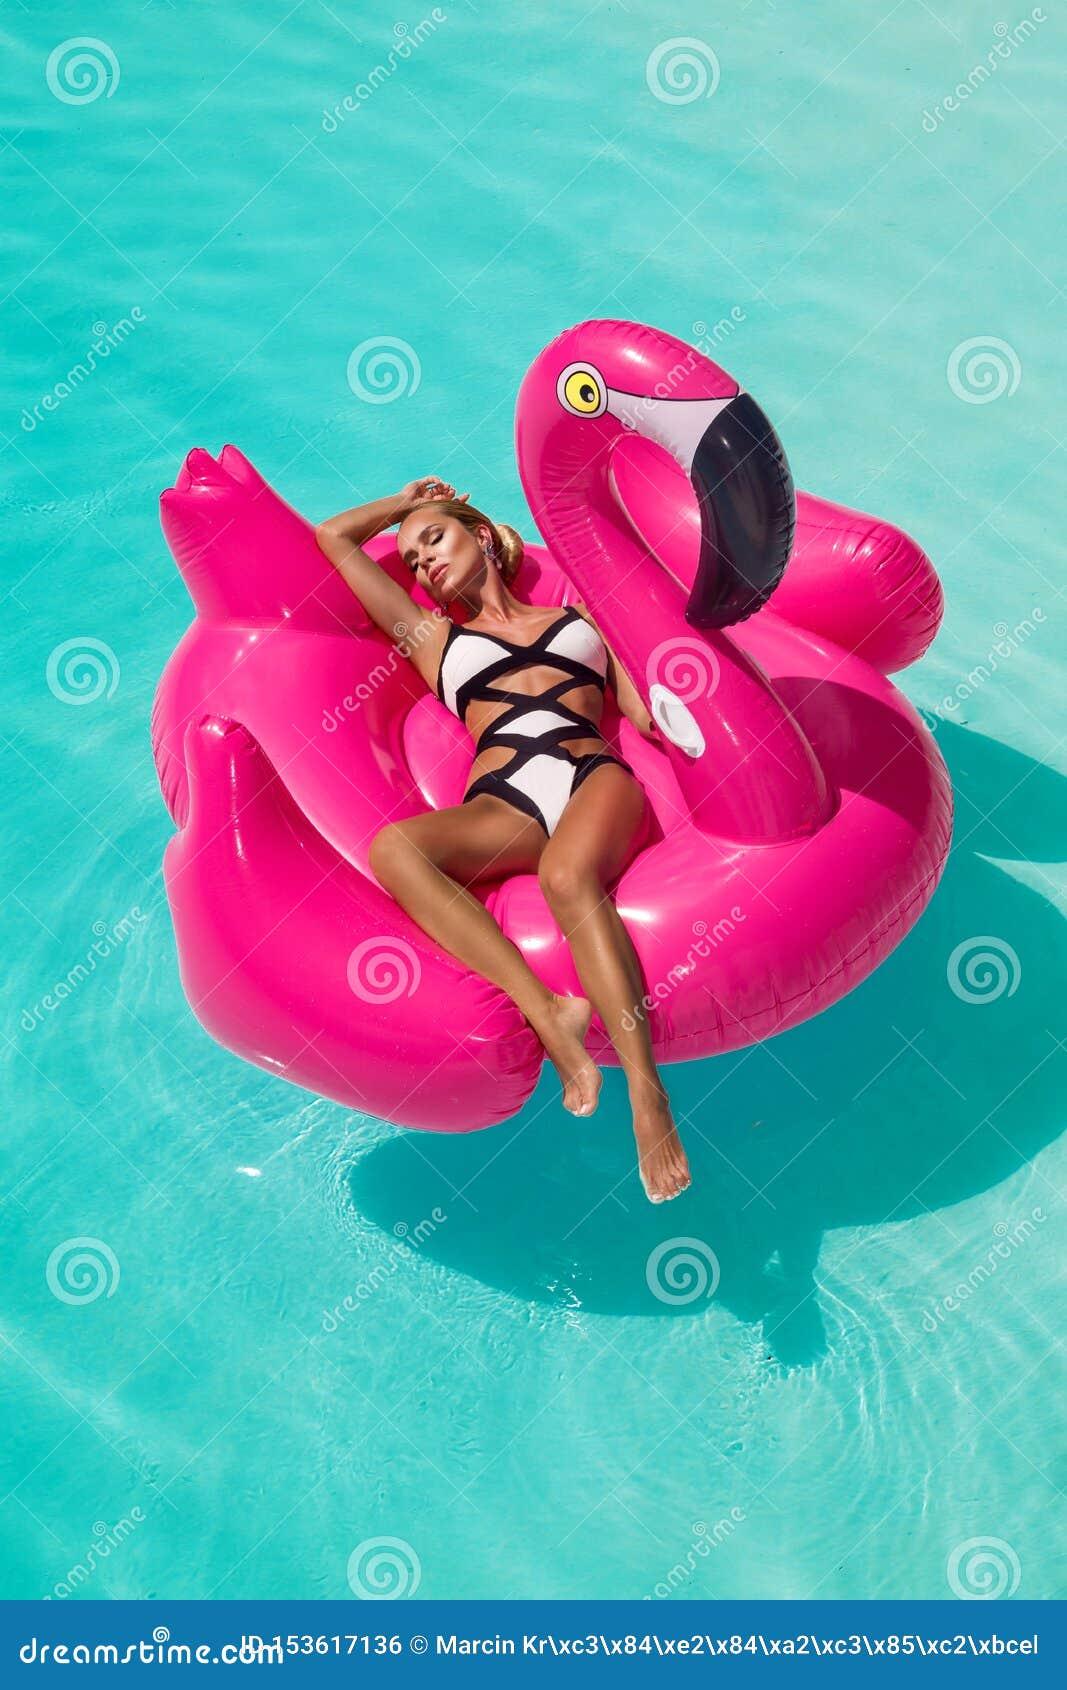 Härlig sexig fantastisk ung kvinna i en simbassäng som sitter på ett uppblåsbart rosa flammande och skrattar, brunbränd kropp, lå